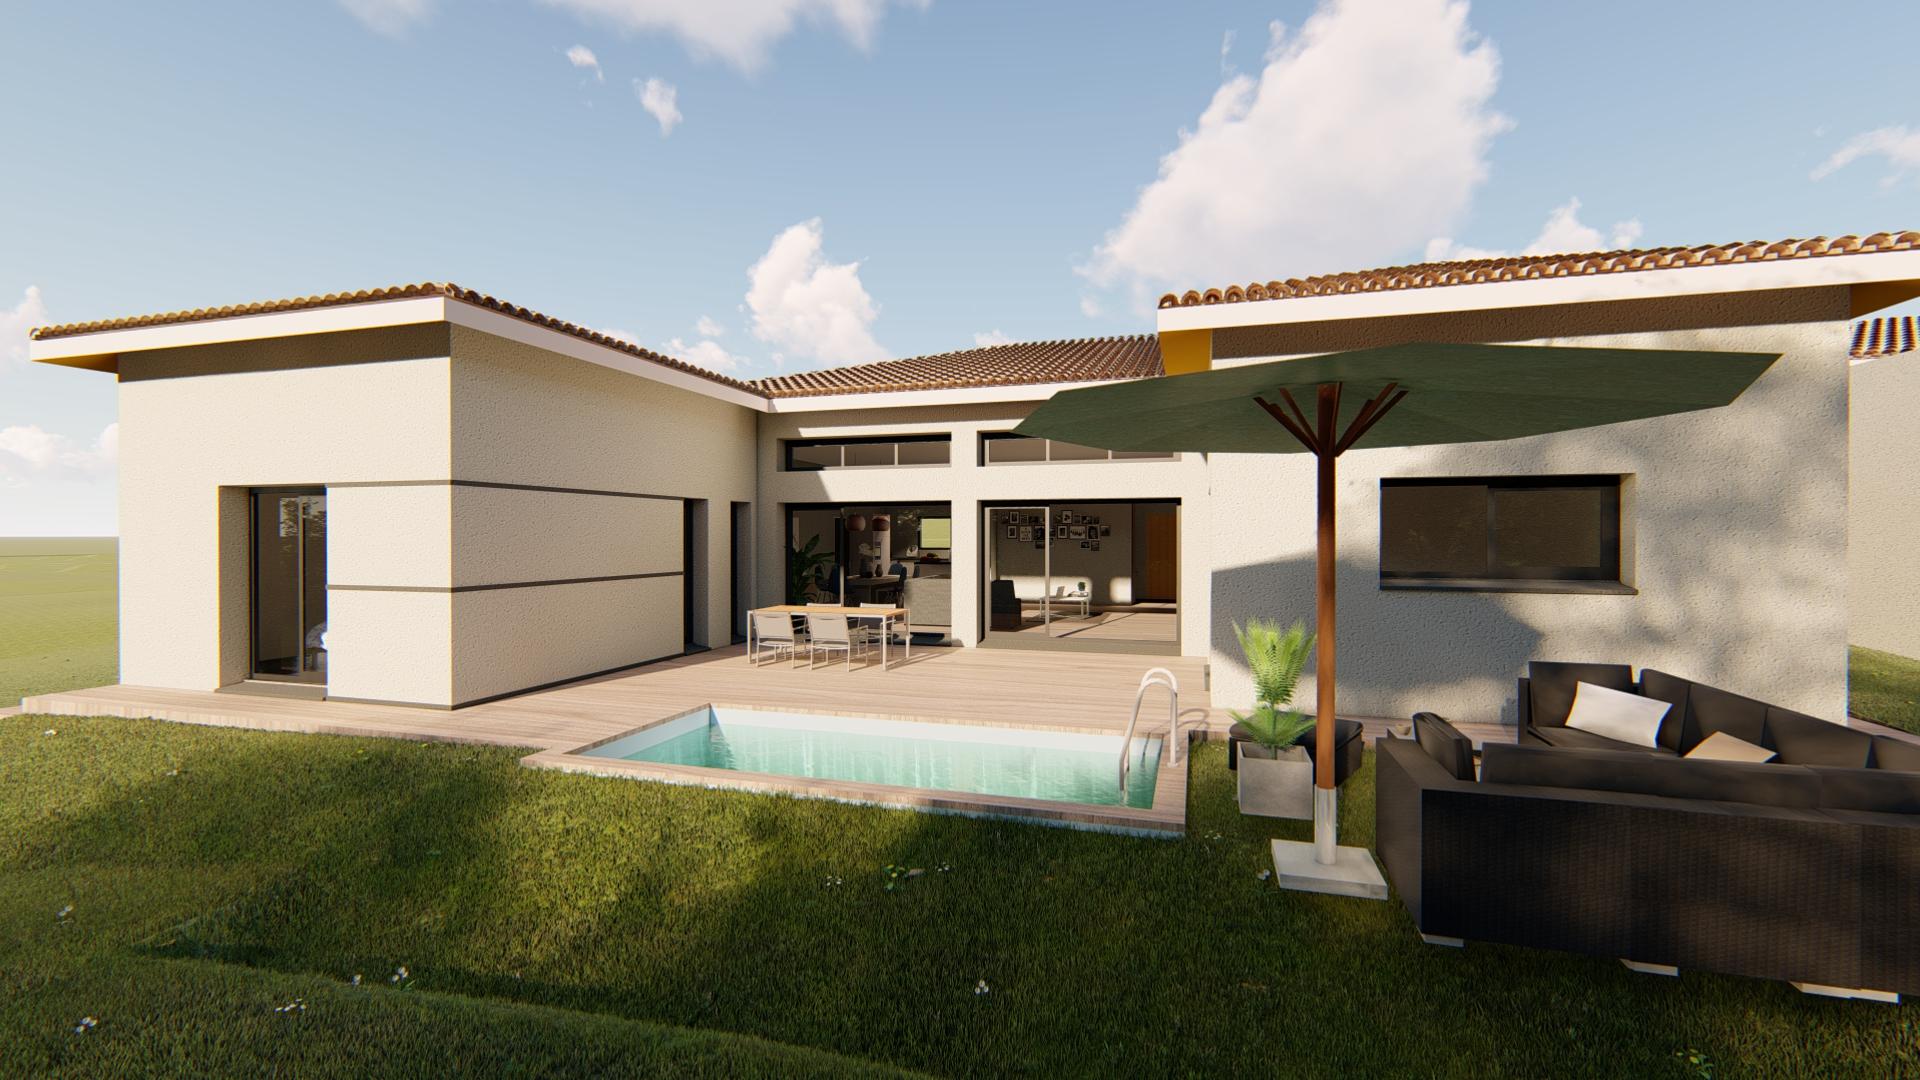 Maisons + Terrains du constructeur VILLAS SUD CREATION • 164 m² • TOURNEFEUILLE